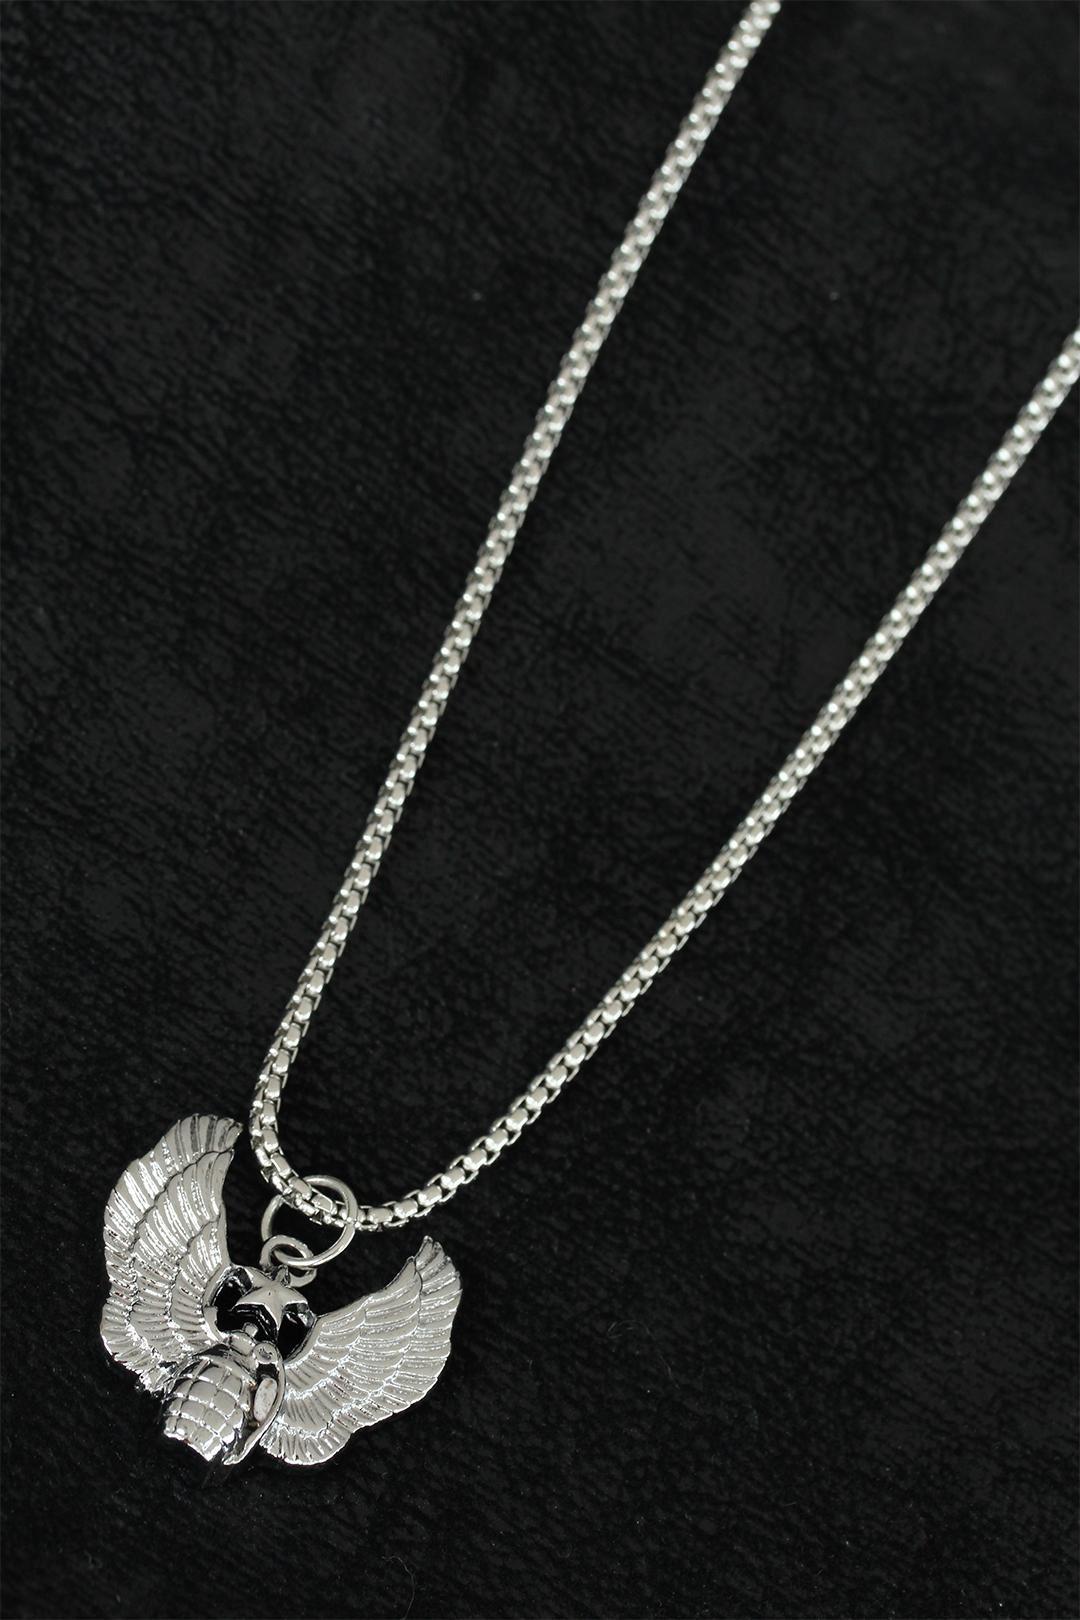 Bomba Tasarım Silver Renk Zincirli Erkek Kolye